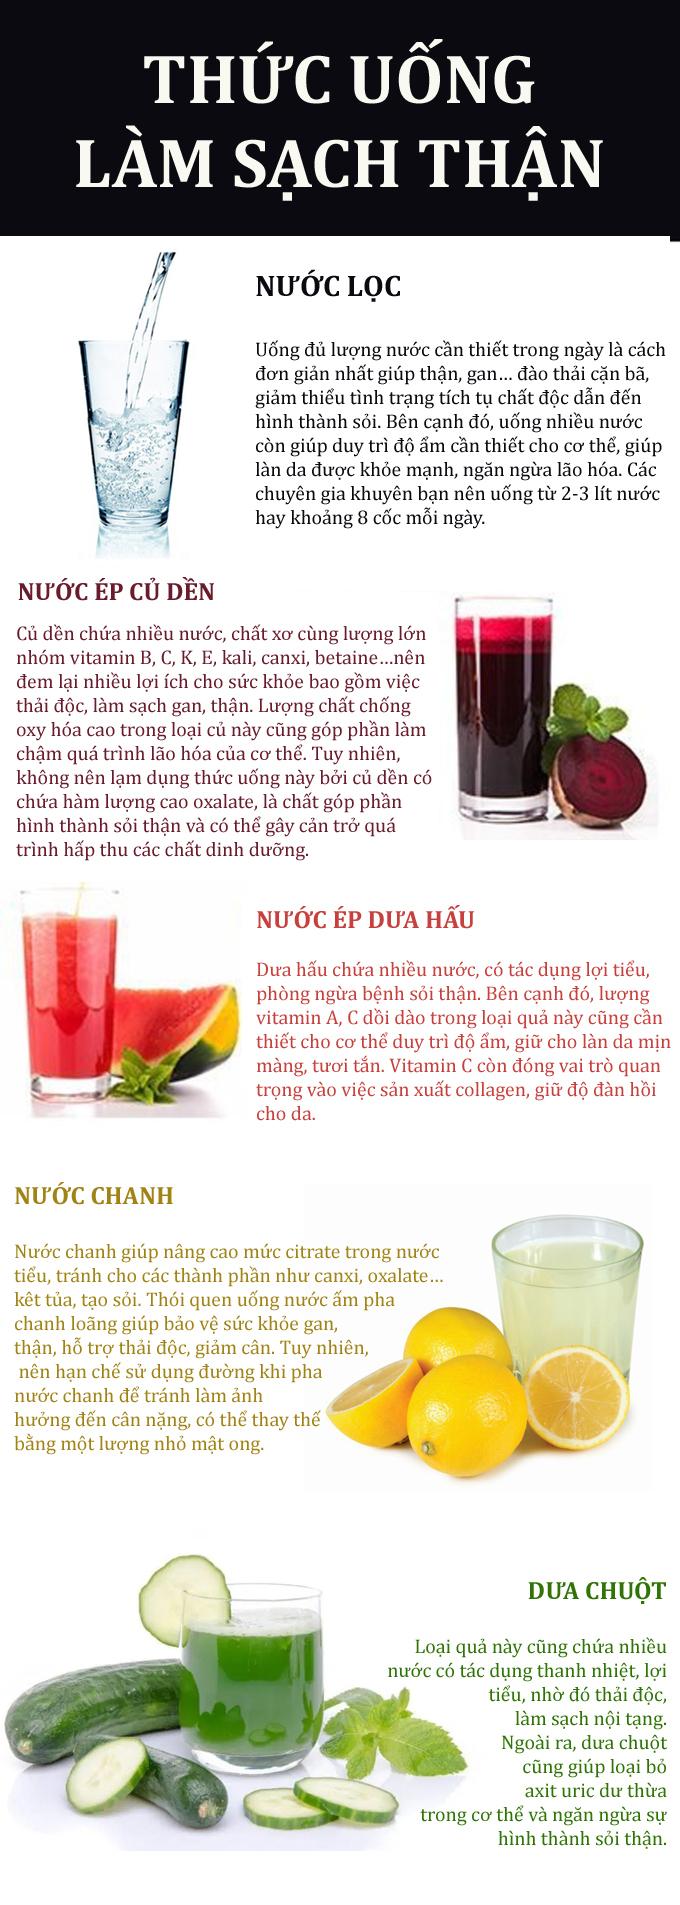 5 thức uống vừa đẹp da lại ngừa sỏi thận